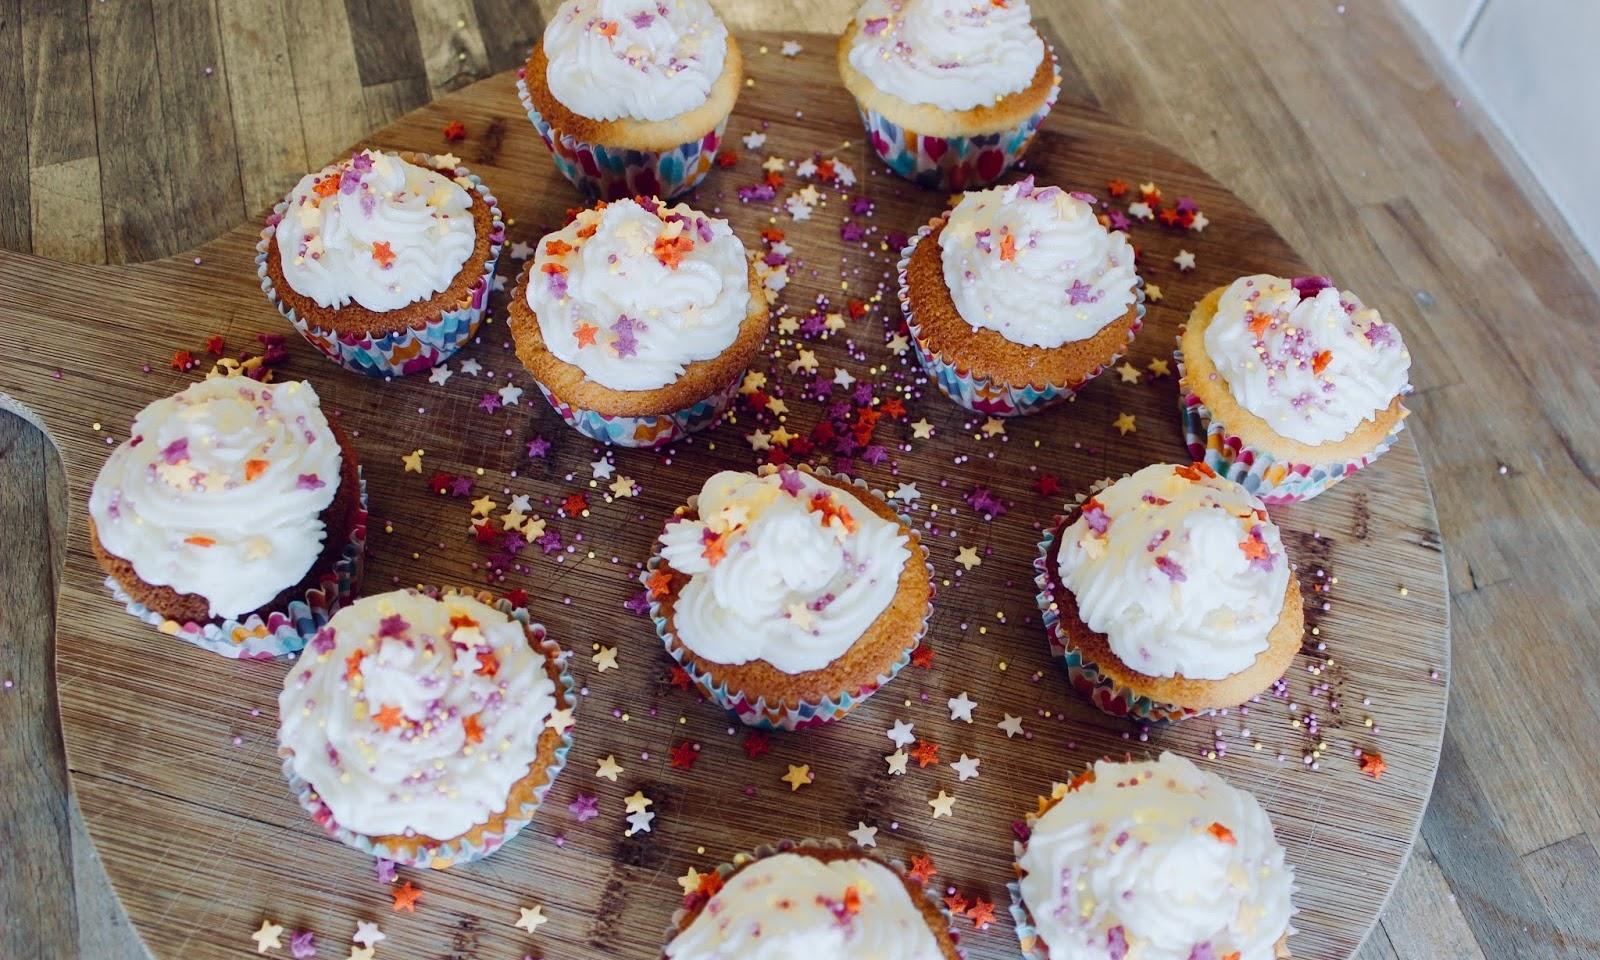 Tanya Burr's Vanilla Star-Sprinkled Cupcakes